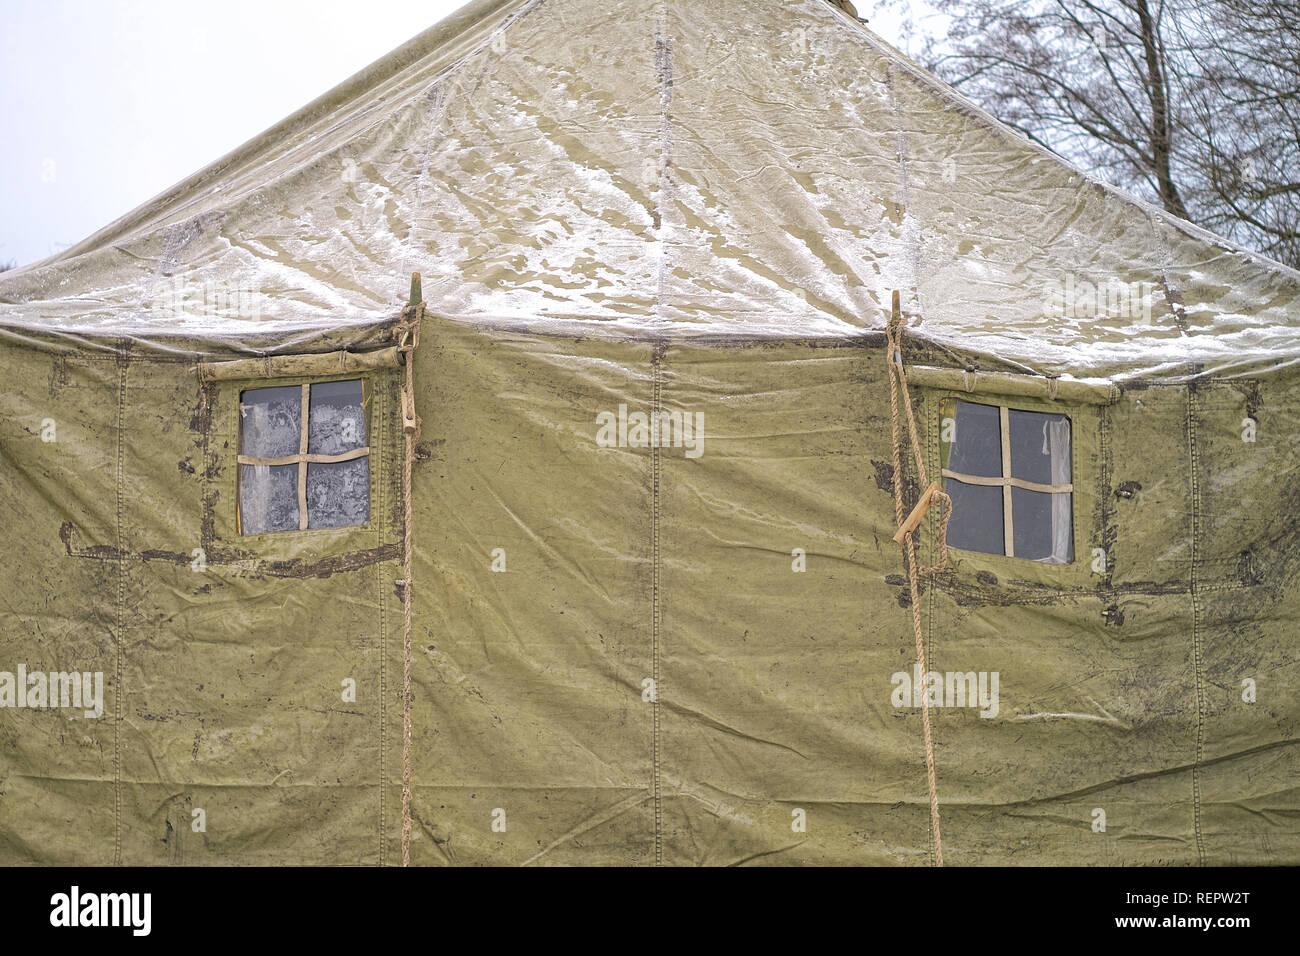 Deux Fenetres Tentes Militaires En Hiver Cheminee Chauffage Fumee